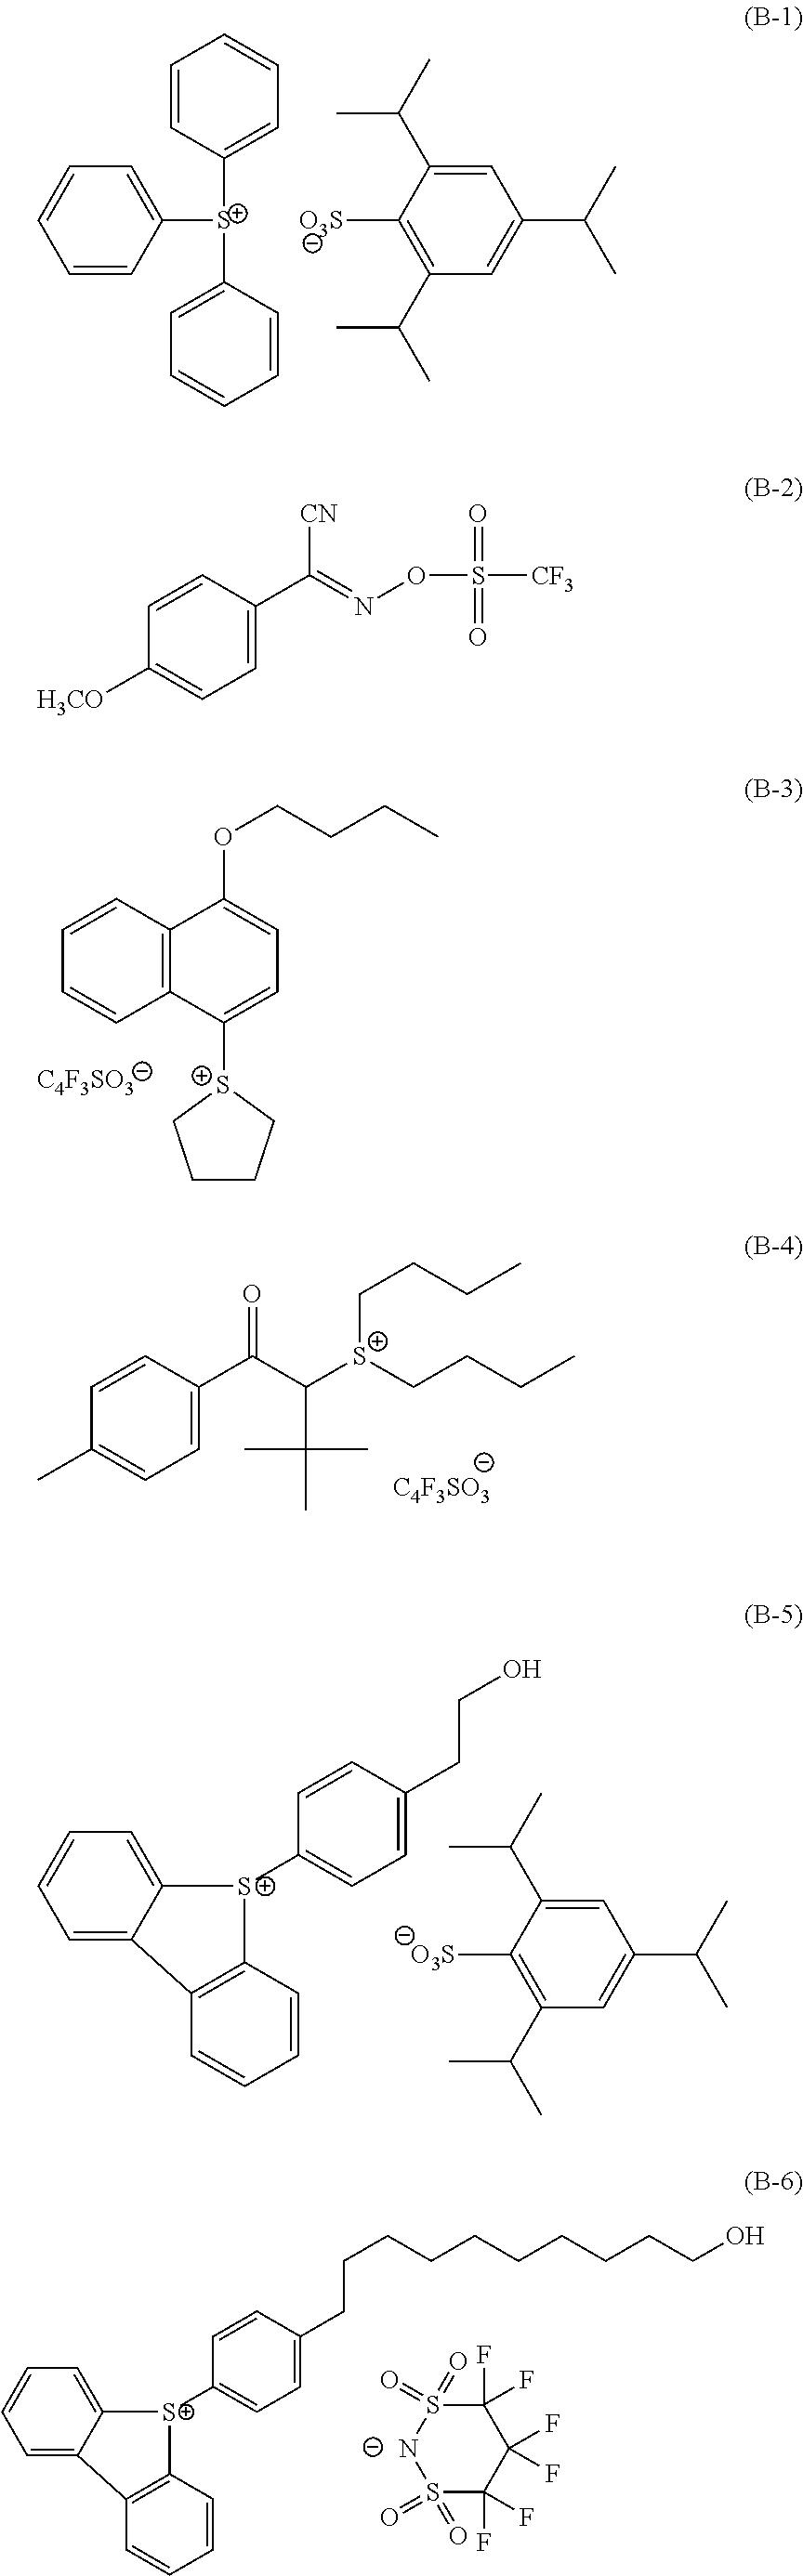 Figure US20110183258A1-20110728-C00291